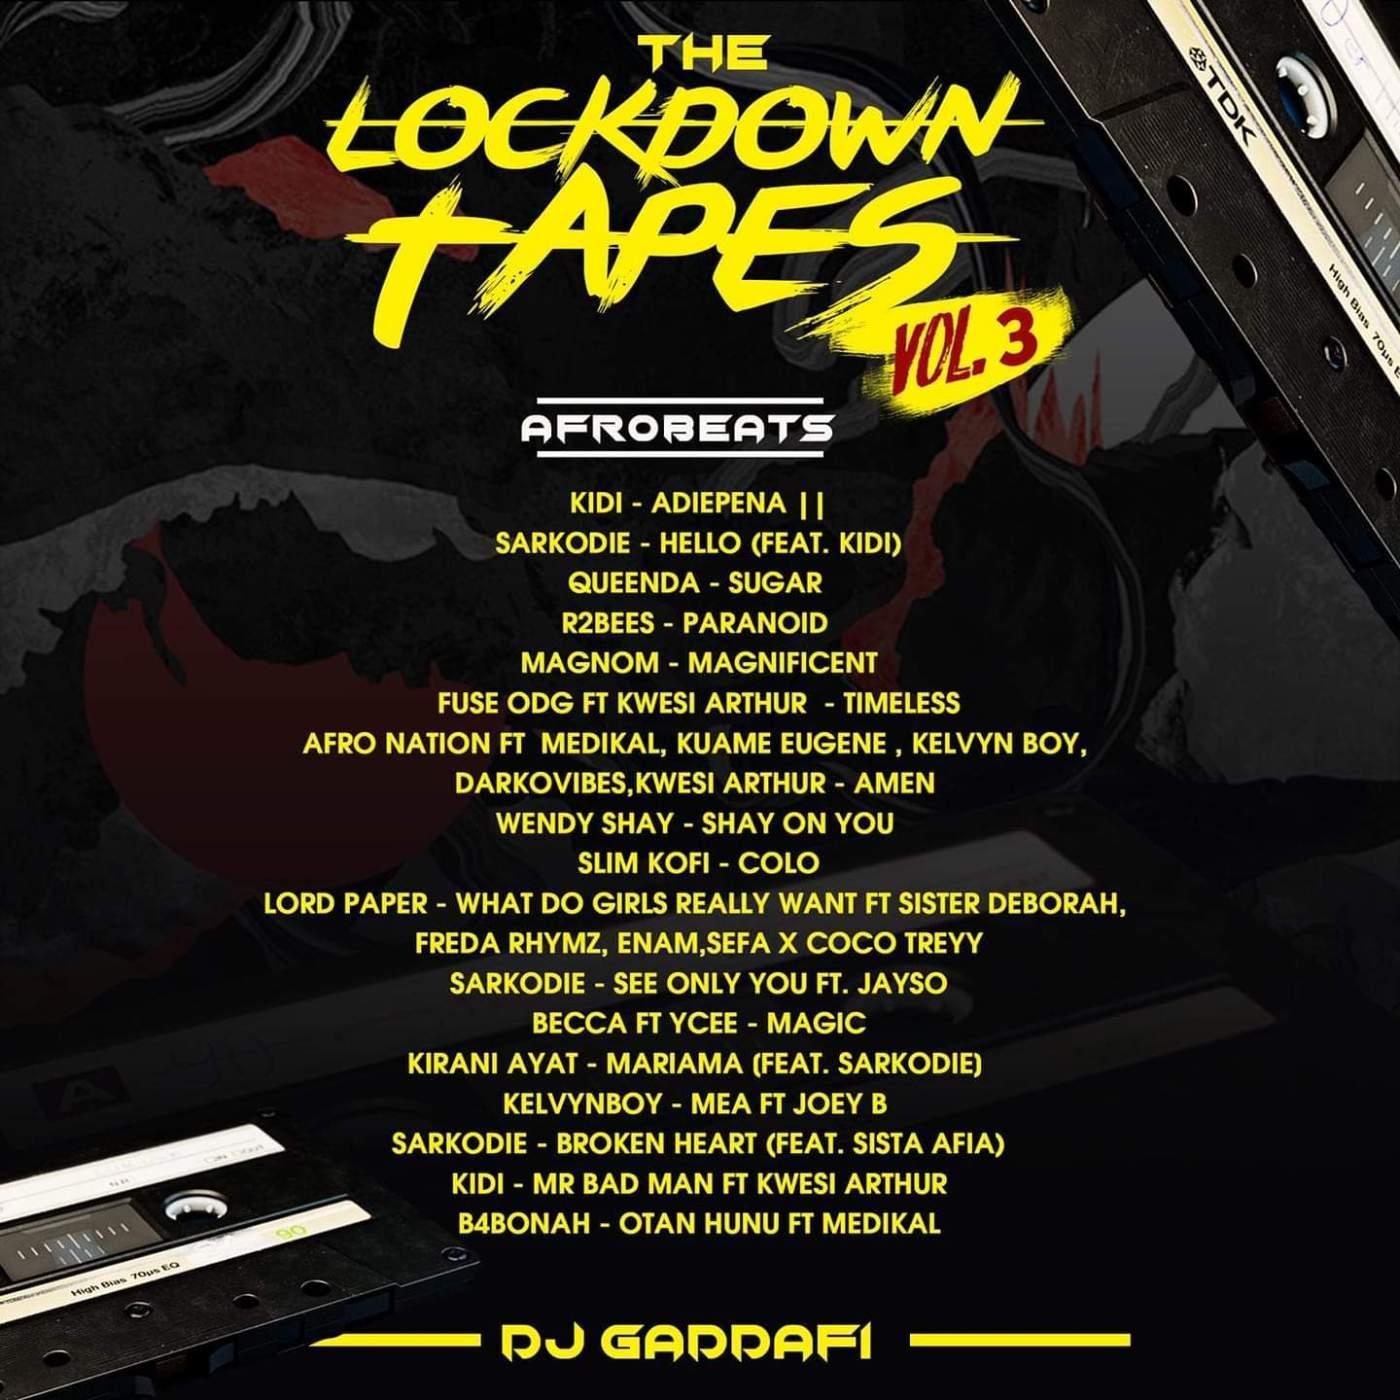 DJ Gaddafi - The Lockdown Tapes (Vol. 3)